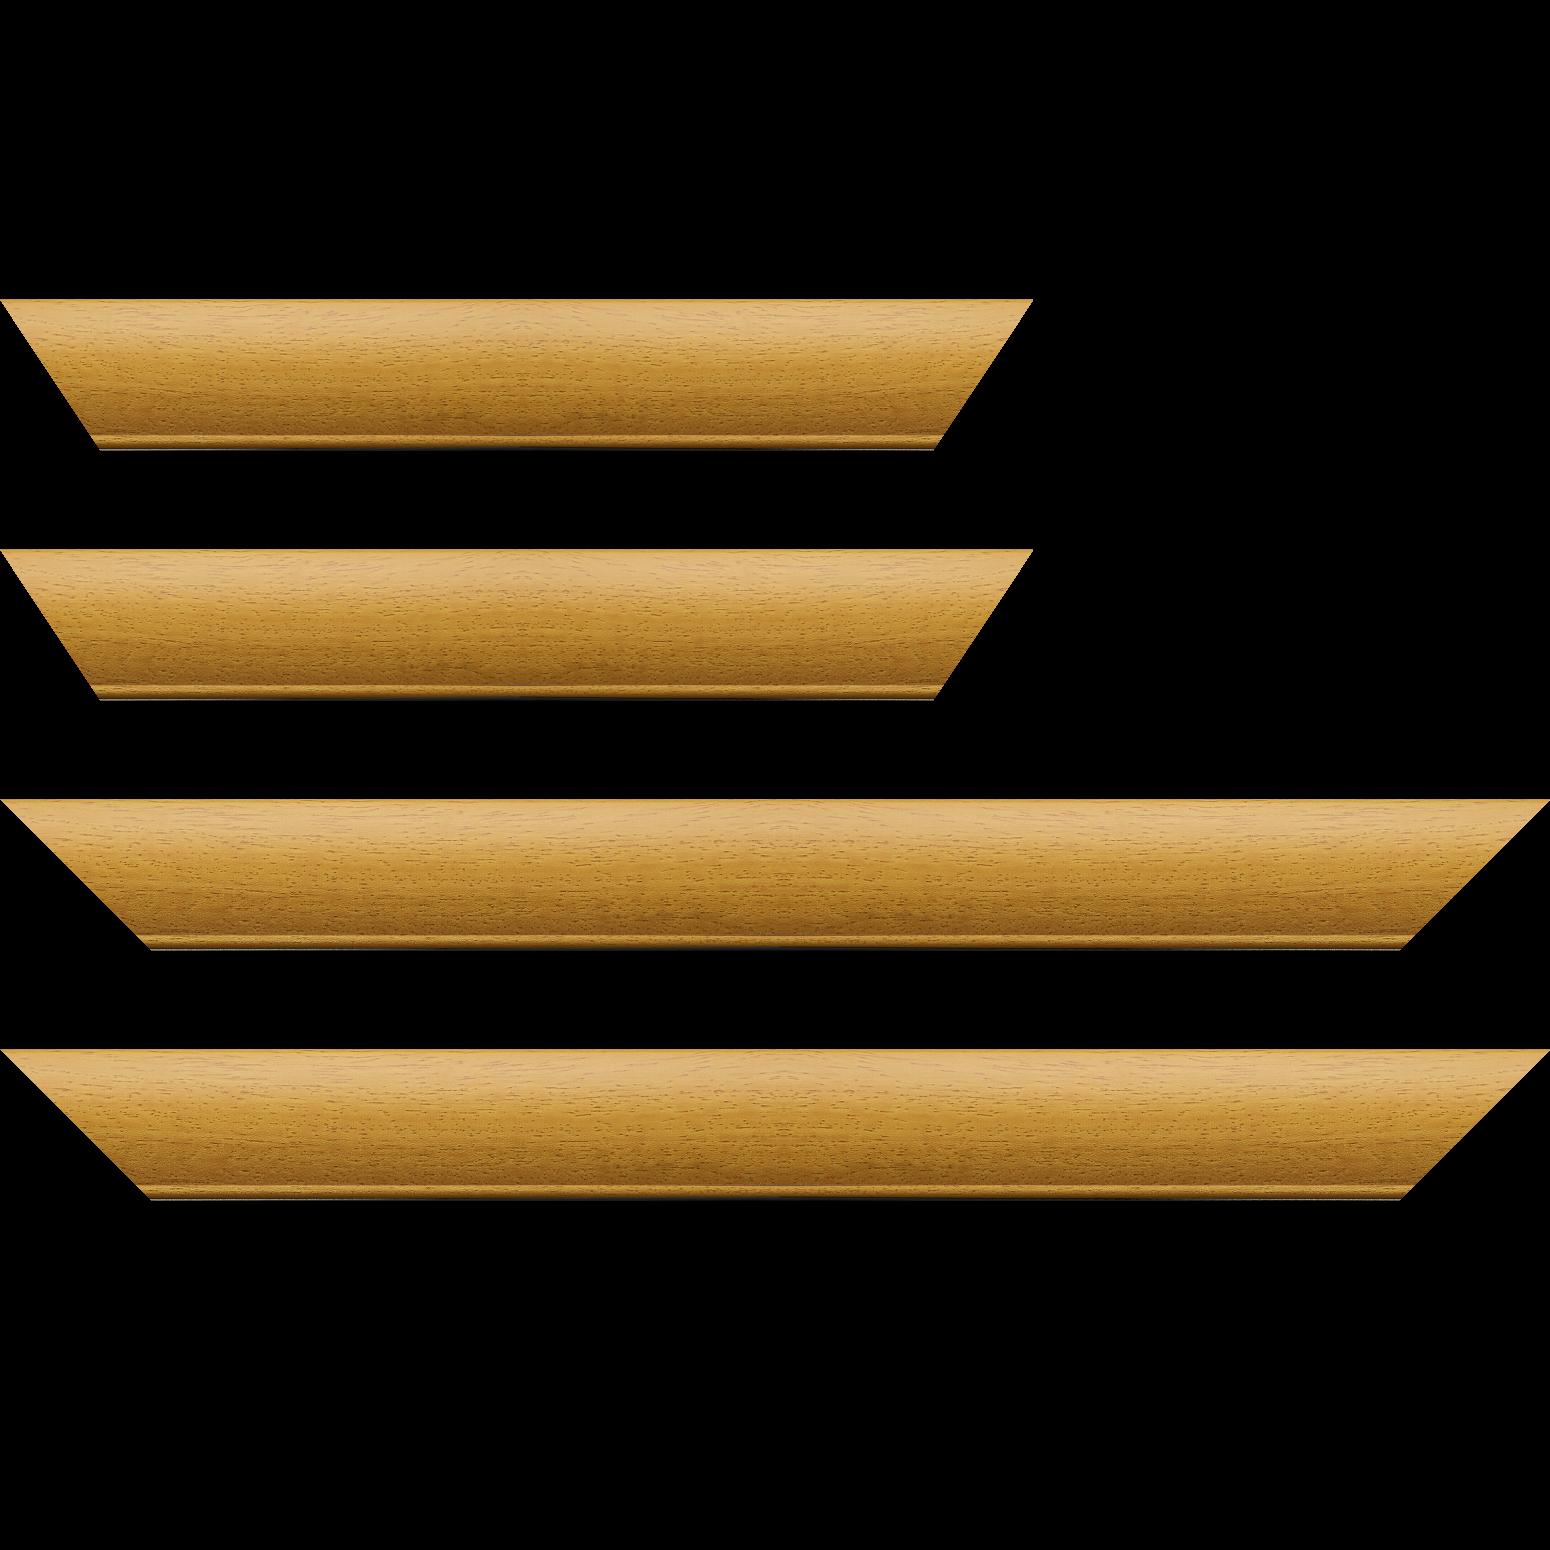 Baguette service précoupé Bois profil arrondi largeur 4.7cm couleur jaune tournesol satiné rehaussé d'un filet noir